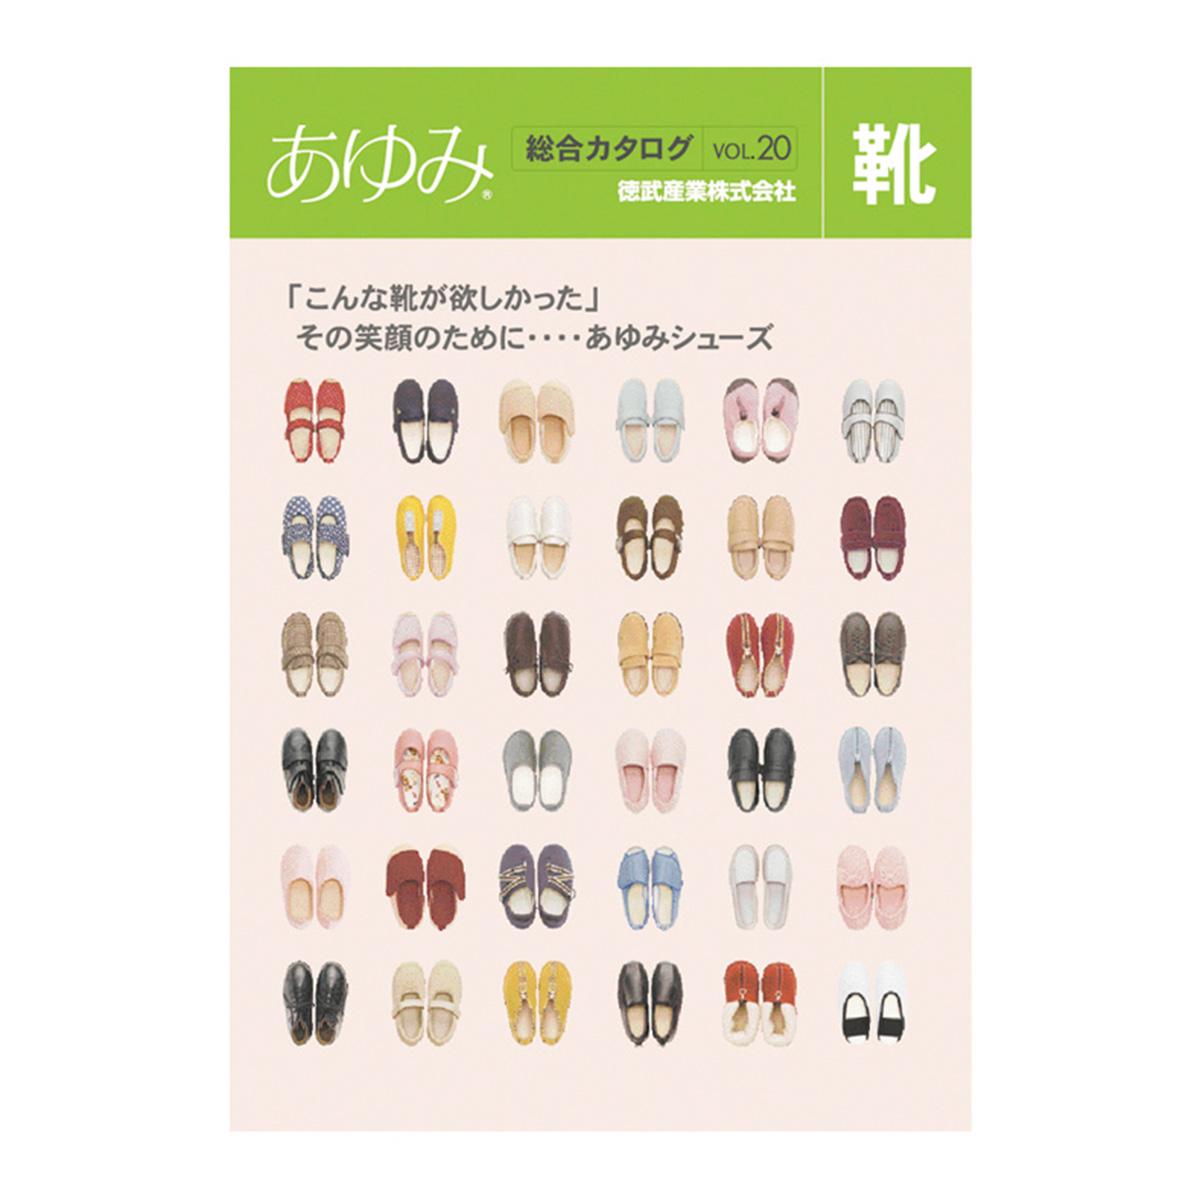 徳武産業株式会社 2006総合カタログ